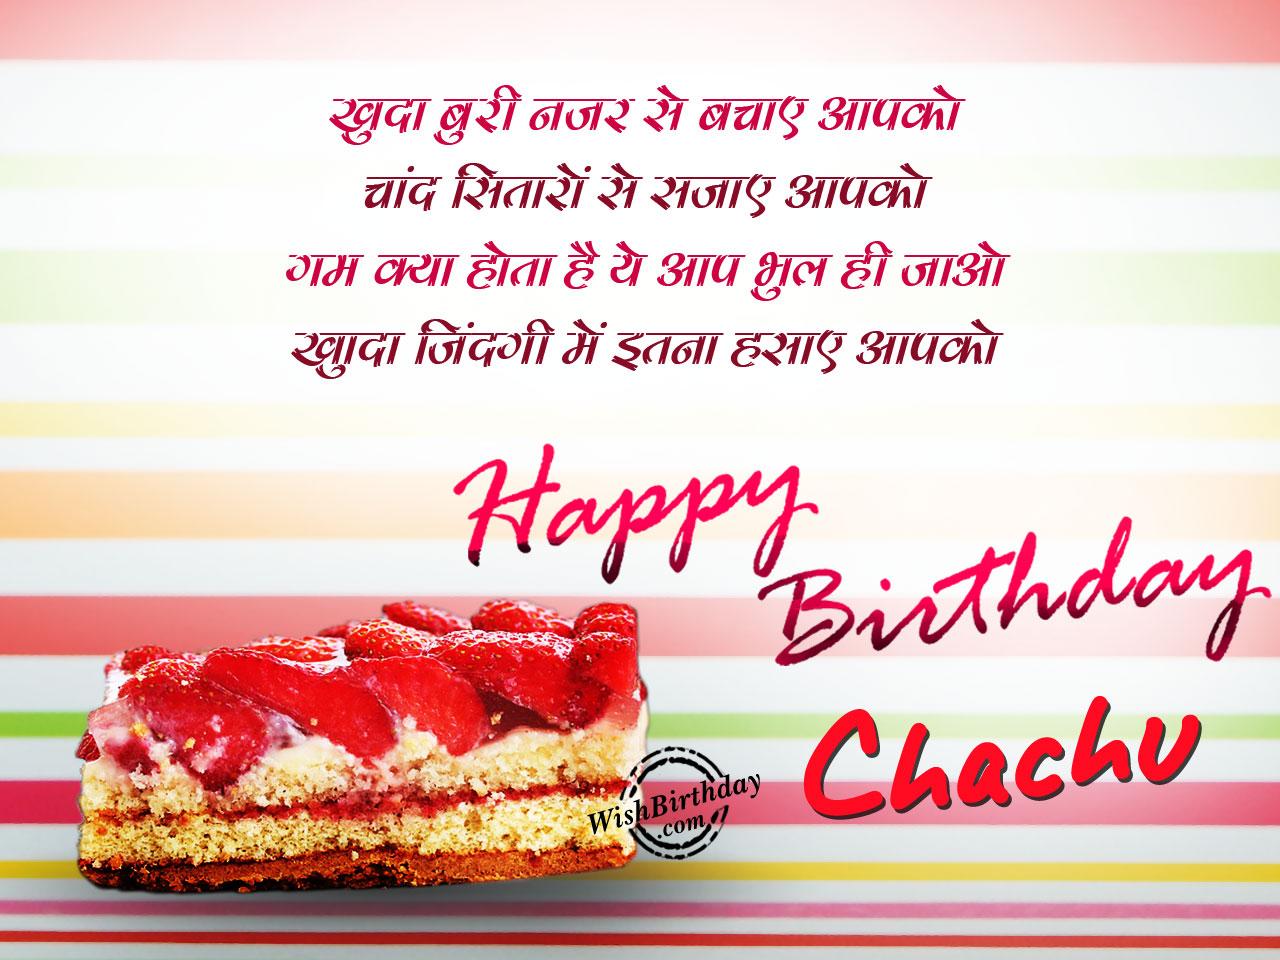 Aap Ko JAnamdin Ki Bahut Sari Shubhkannaye Chacha Ji